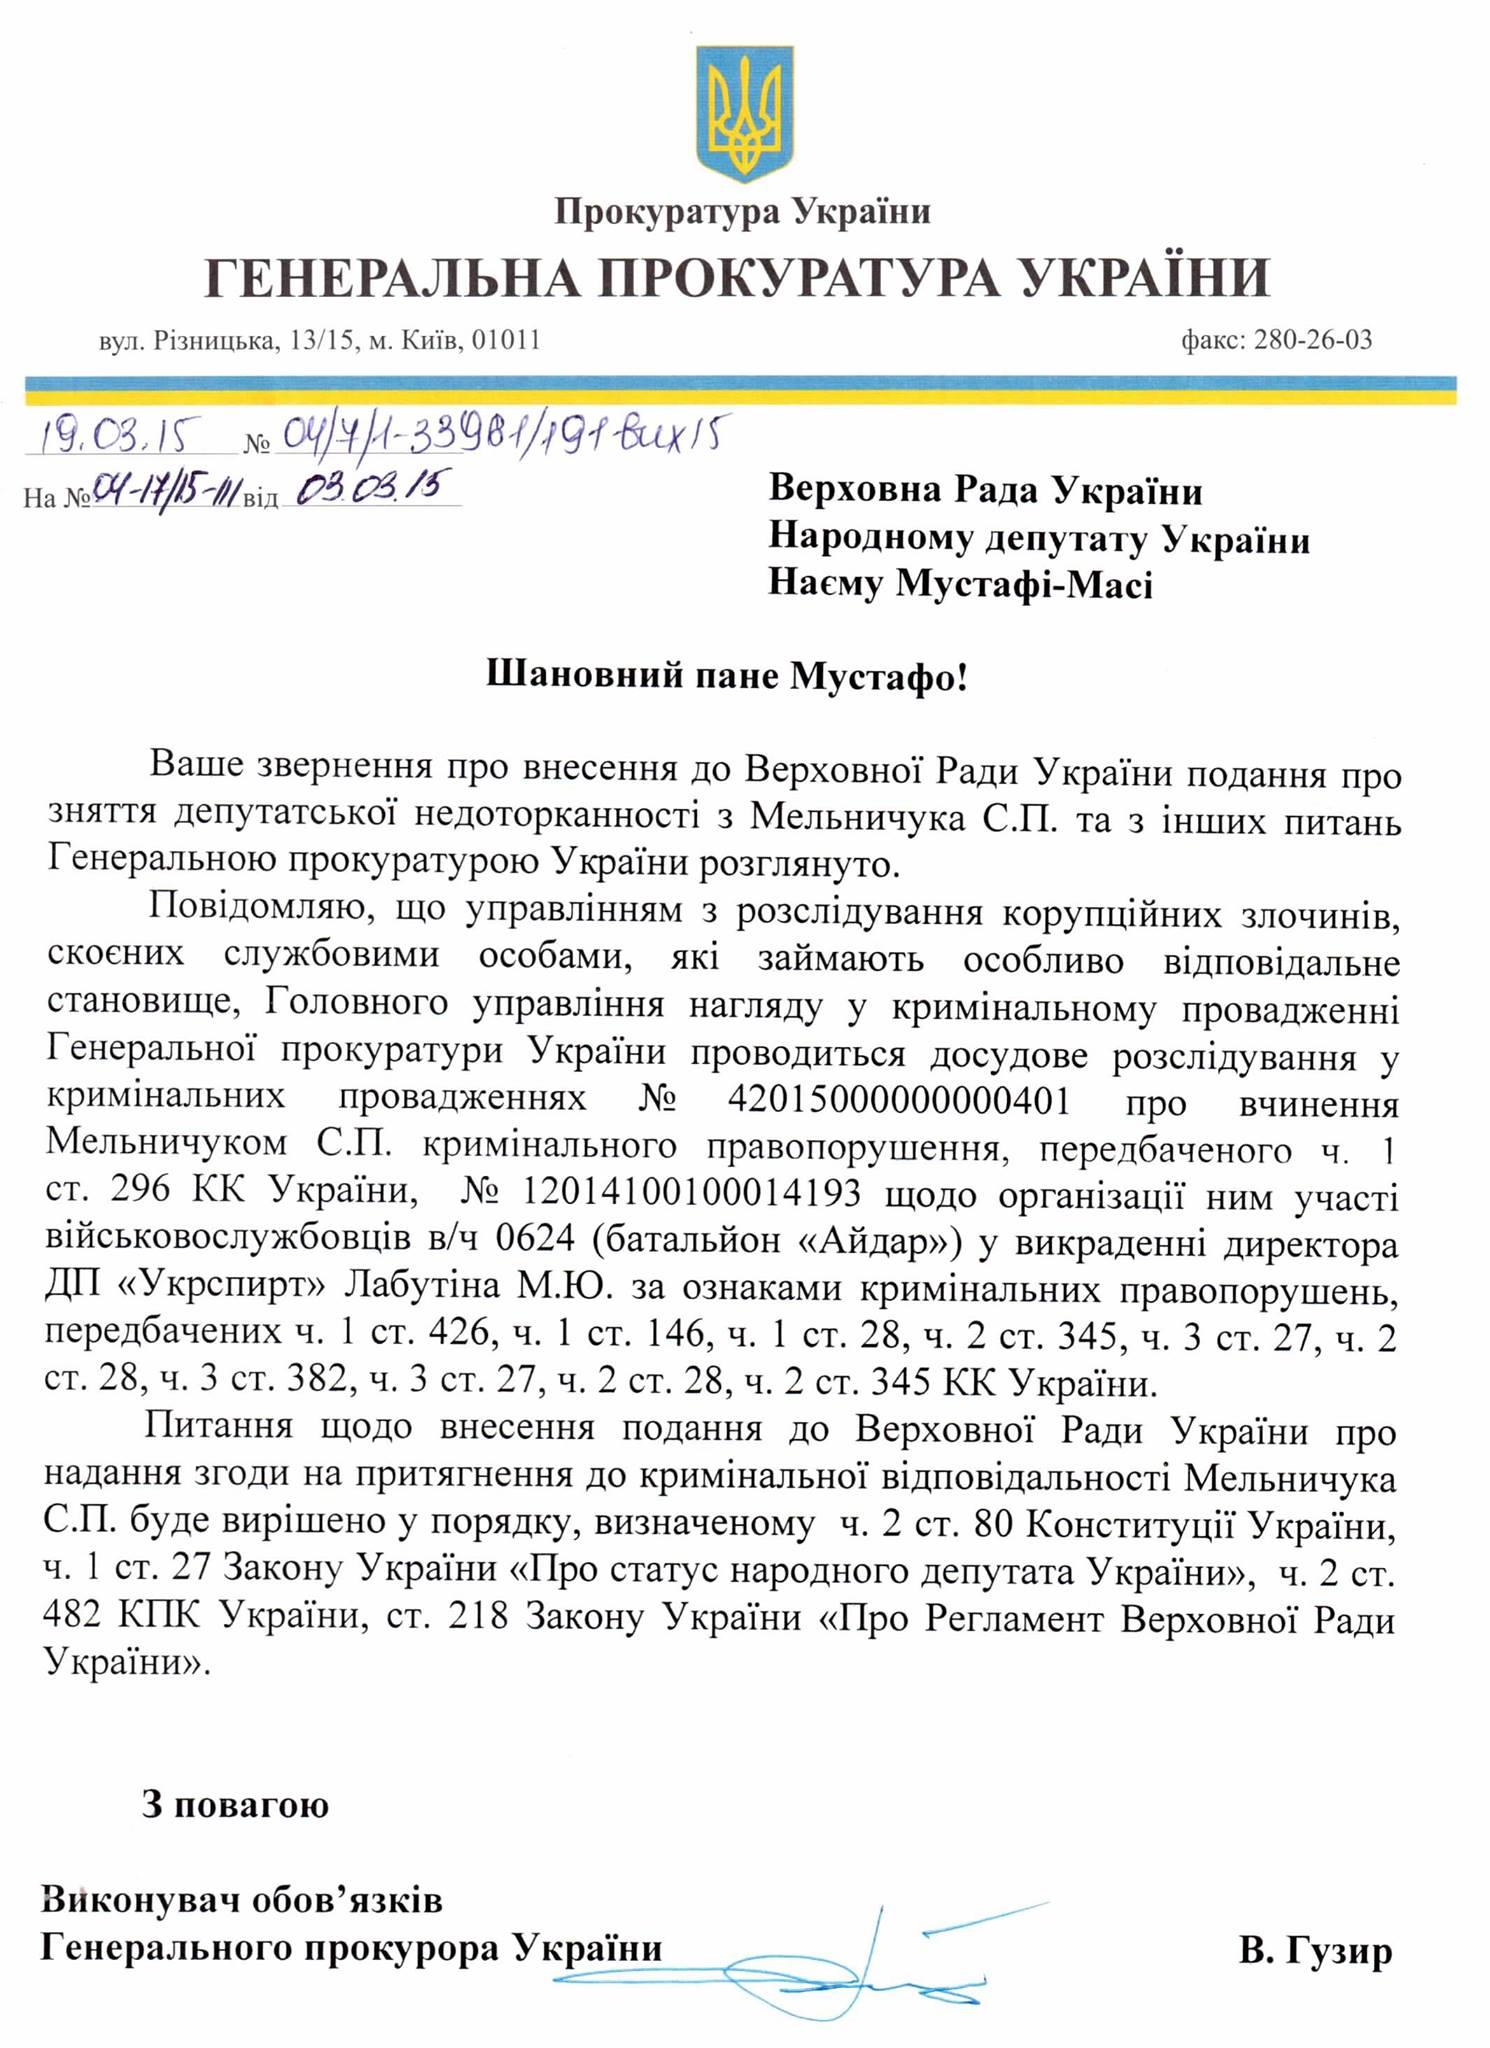 Депутат Мельничук подозревается в похищении главы Укрспирта - ГПУ